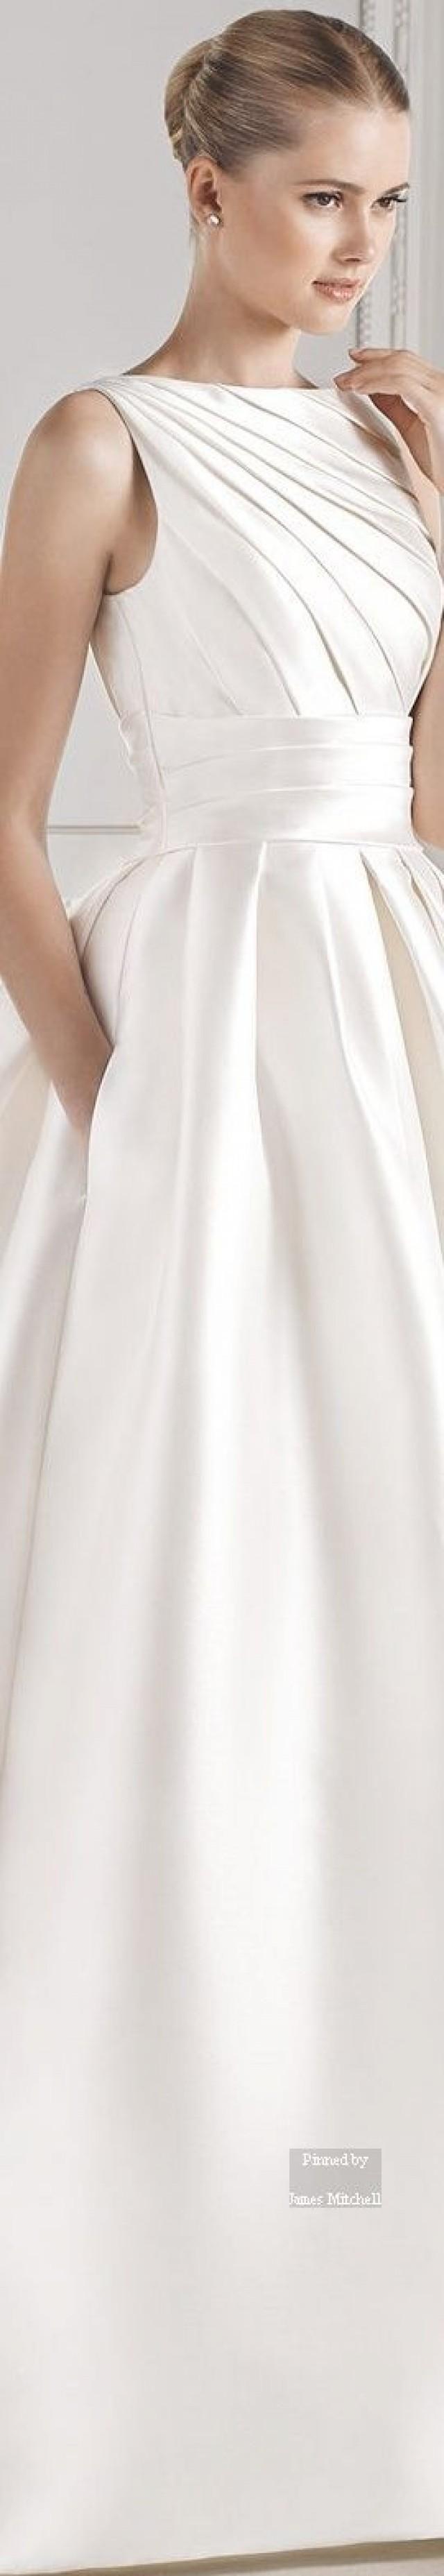 best Fashionly images on Pinterest Vintage dresses Vintage